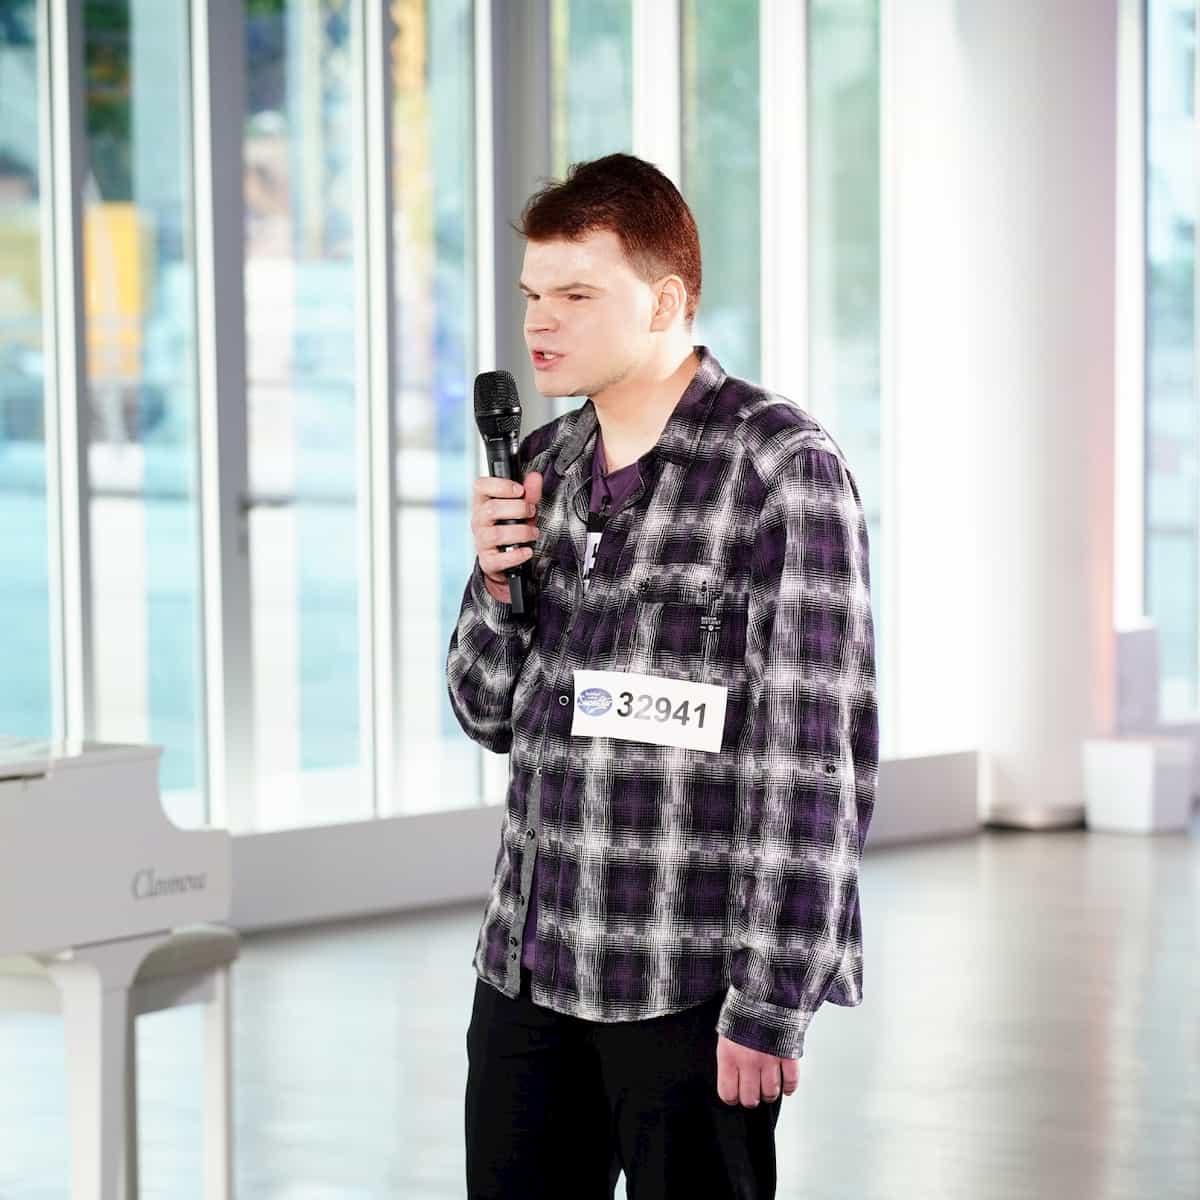 Amadeus Soszka bei DSDS am 28.1.2020 als Kandidat